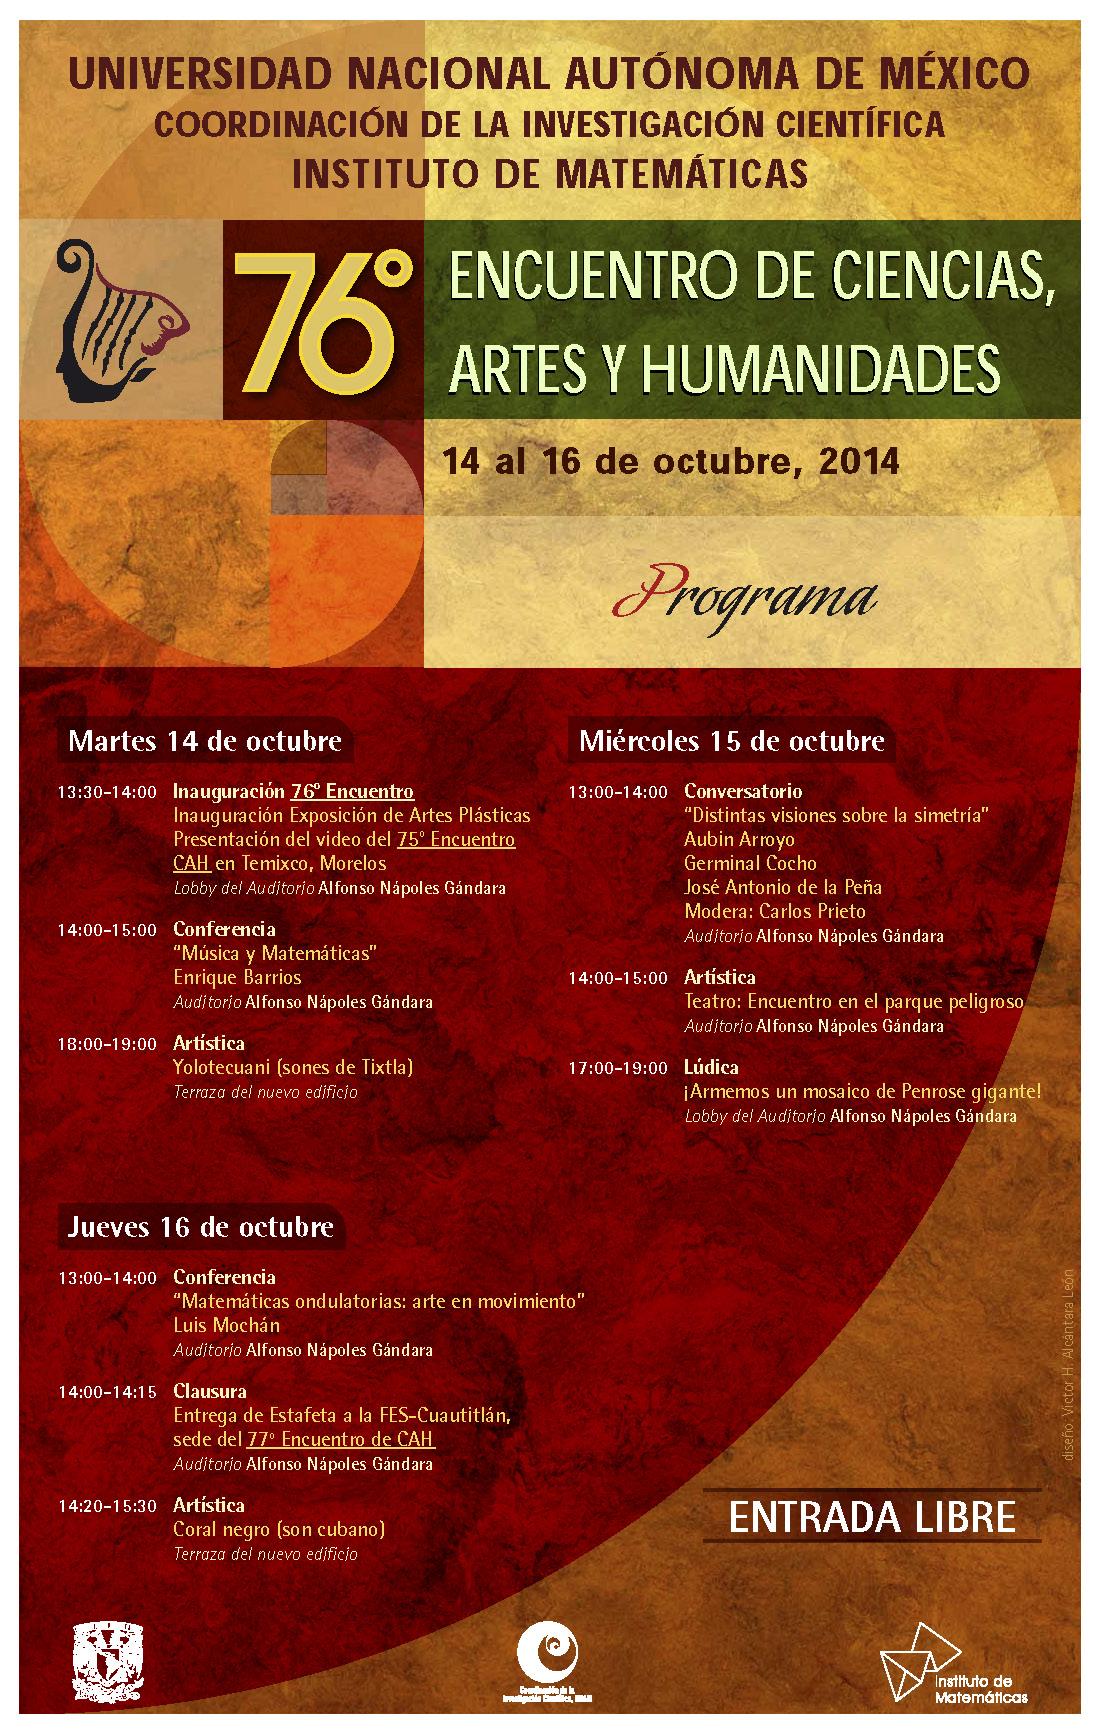 76 Encuentro de Ciencias, Artes y Humanidades